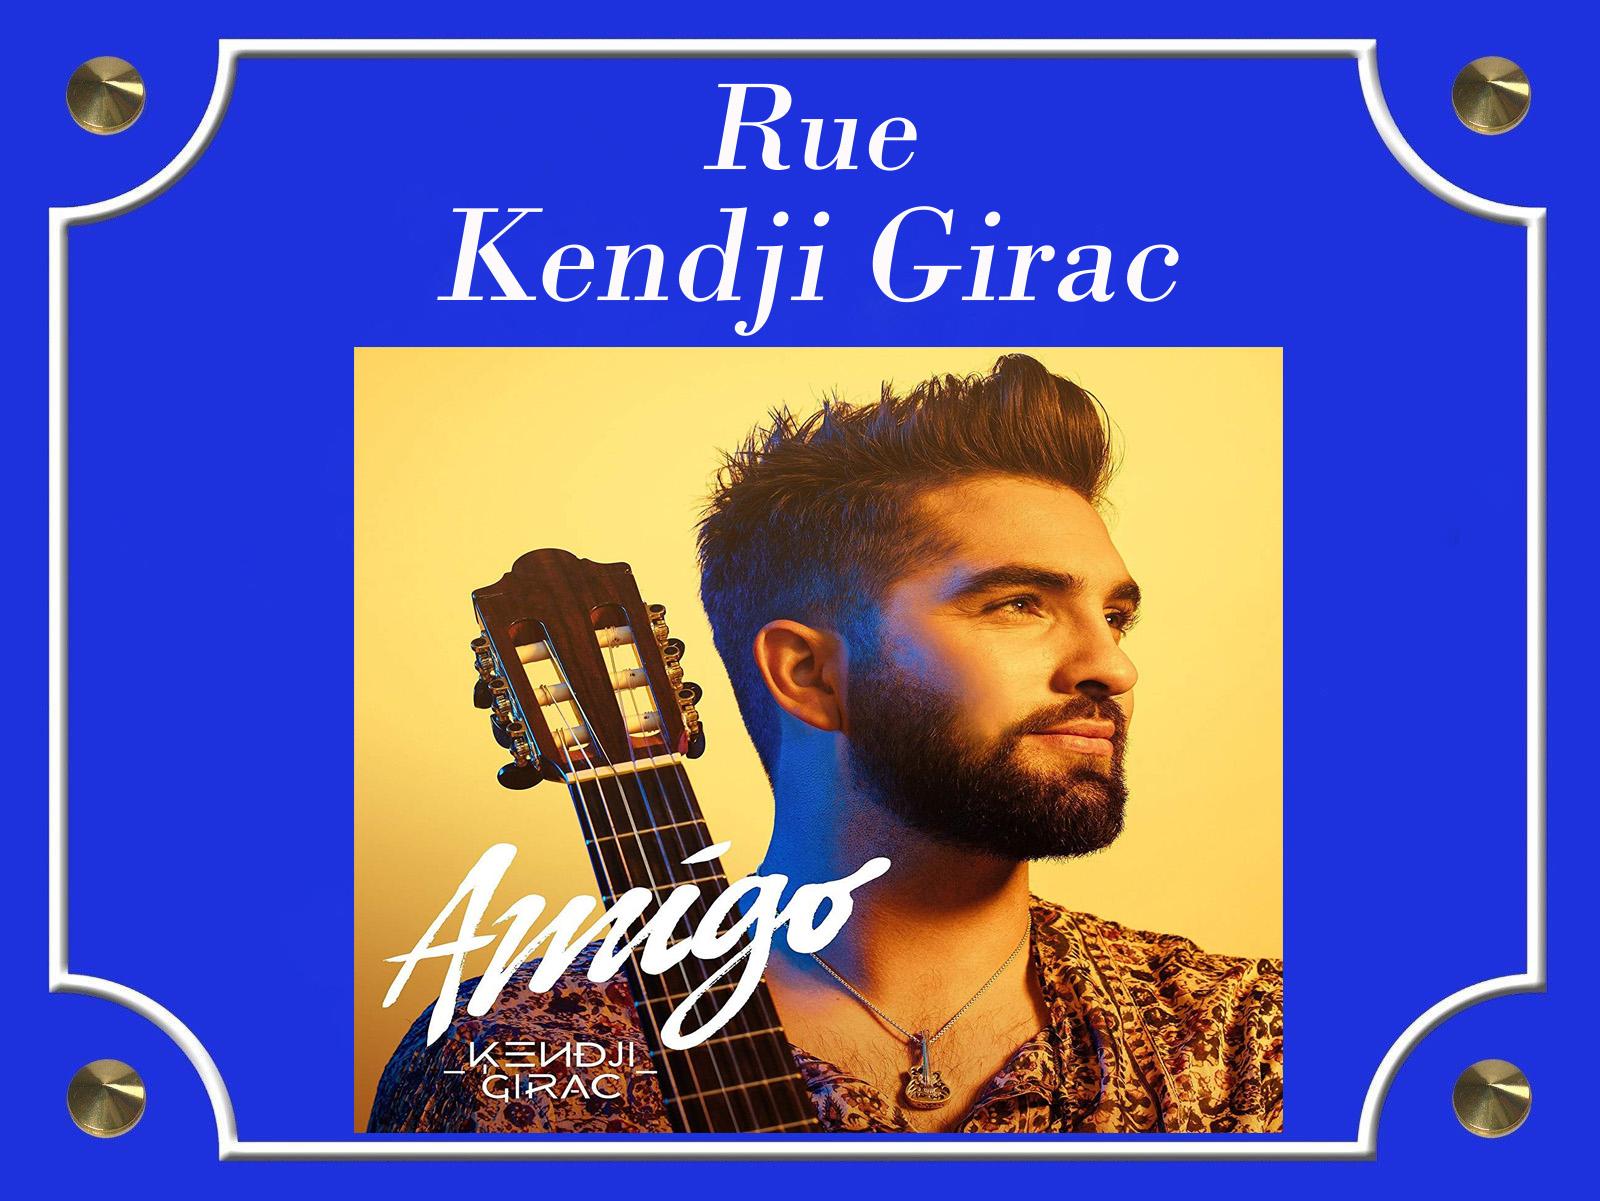 Plaque de rue Kendji Girac